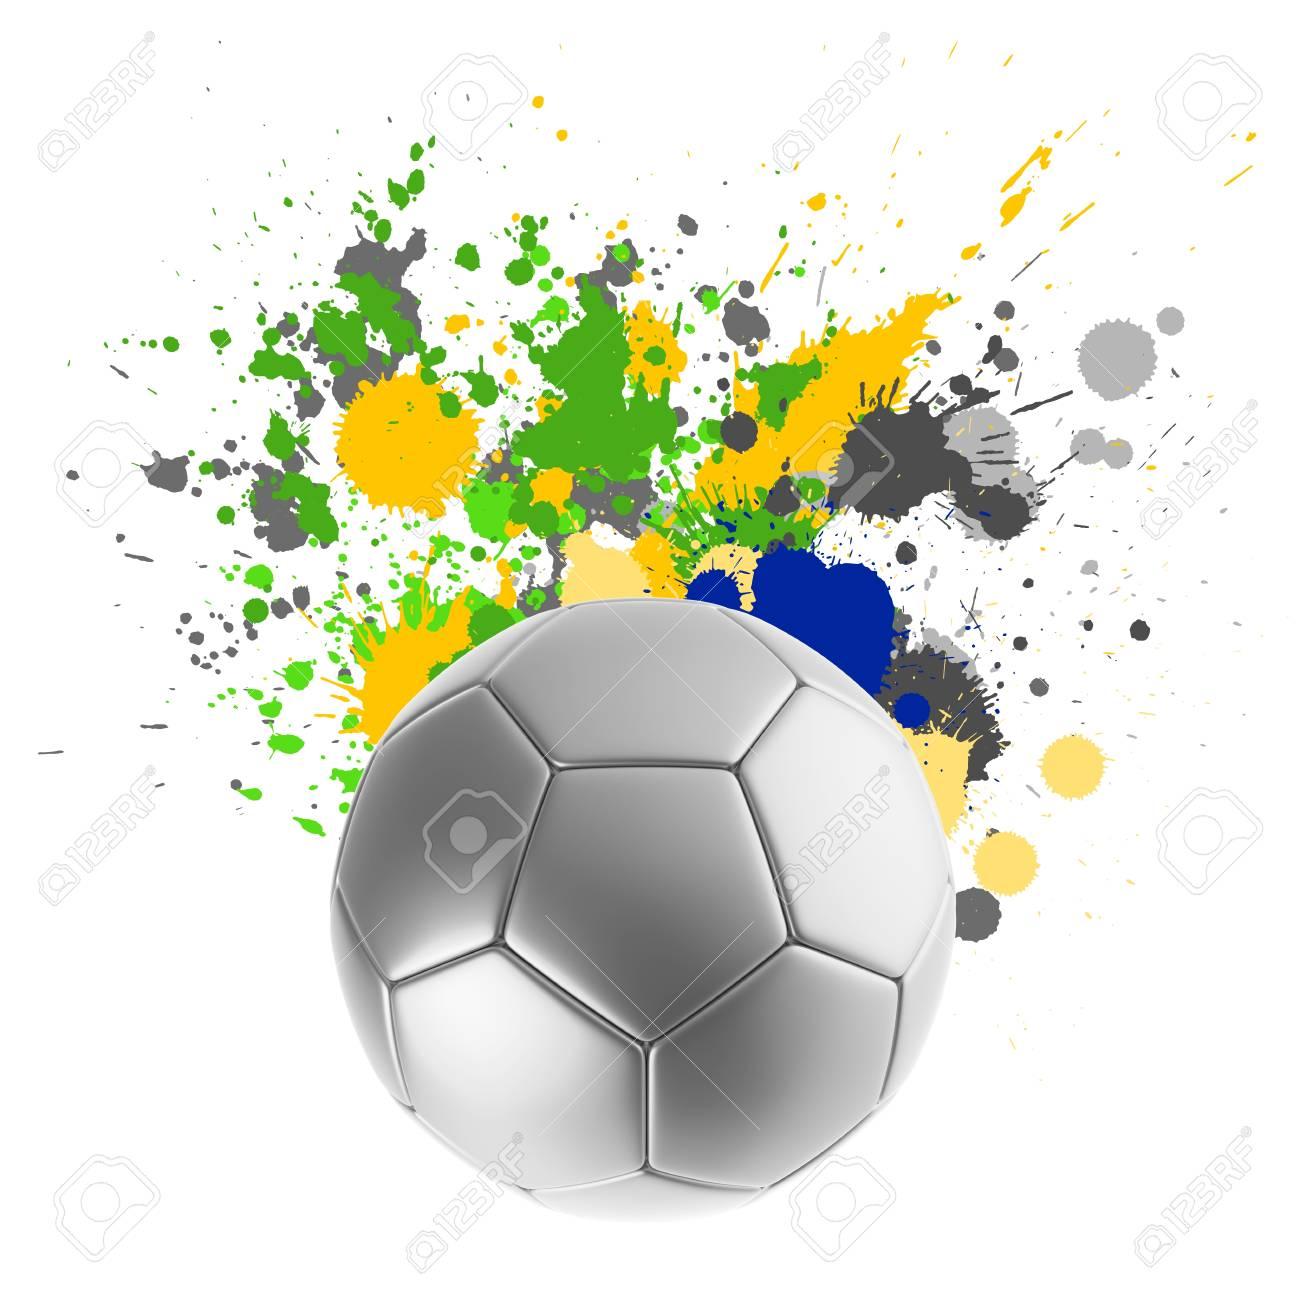 Fußball Mit Spritzwasser Farben Der Brasilianischen Flagge ...